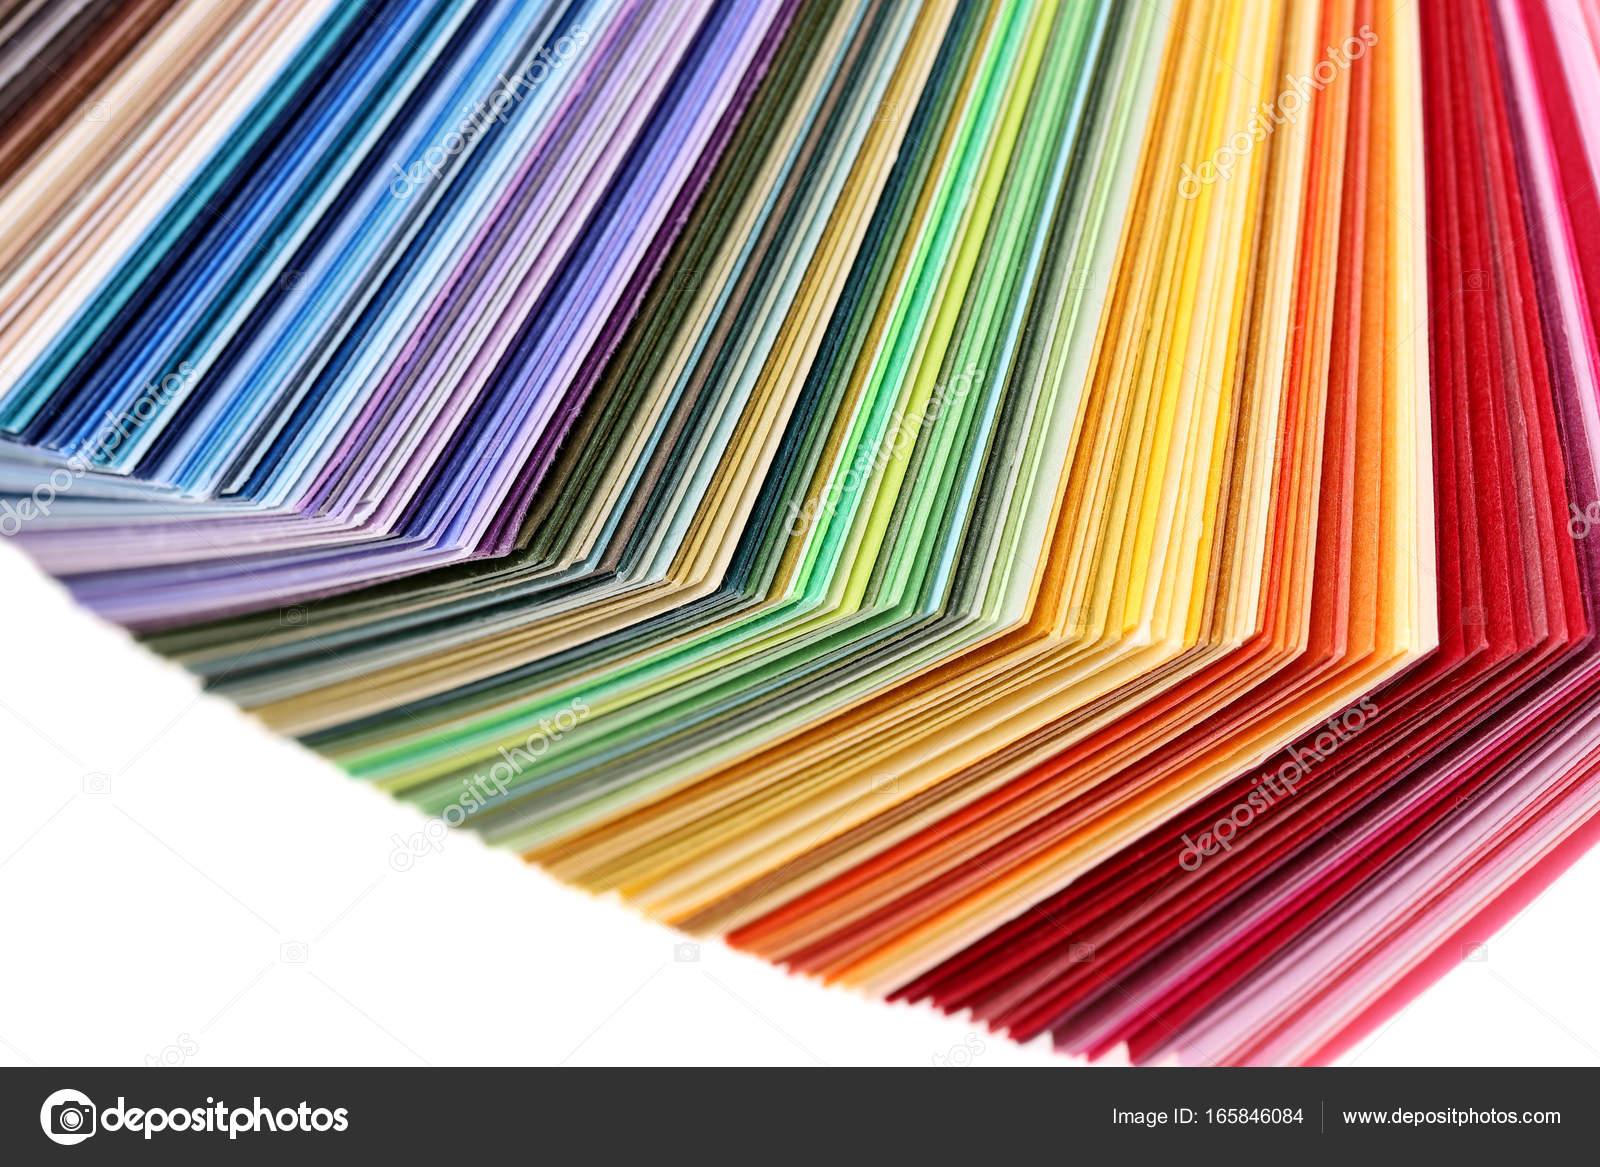 Libro de muestras de color — Foto de stock © akiyoko74 #165846084